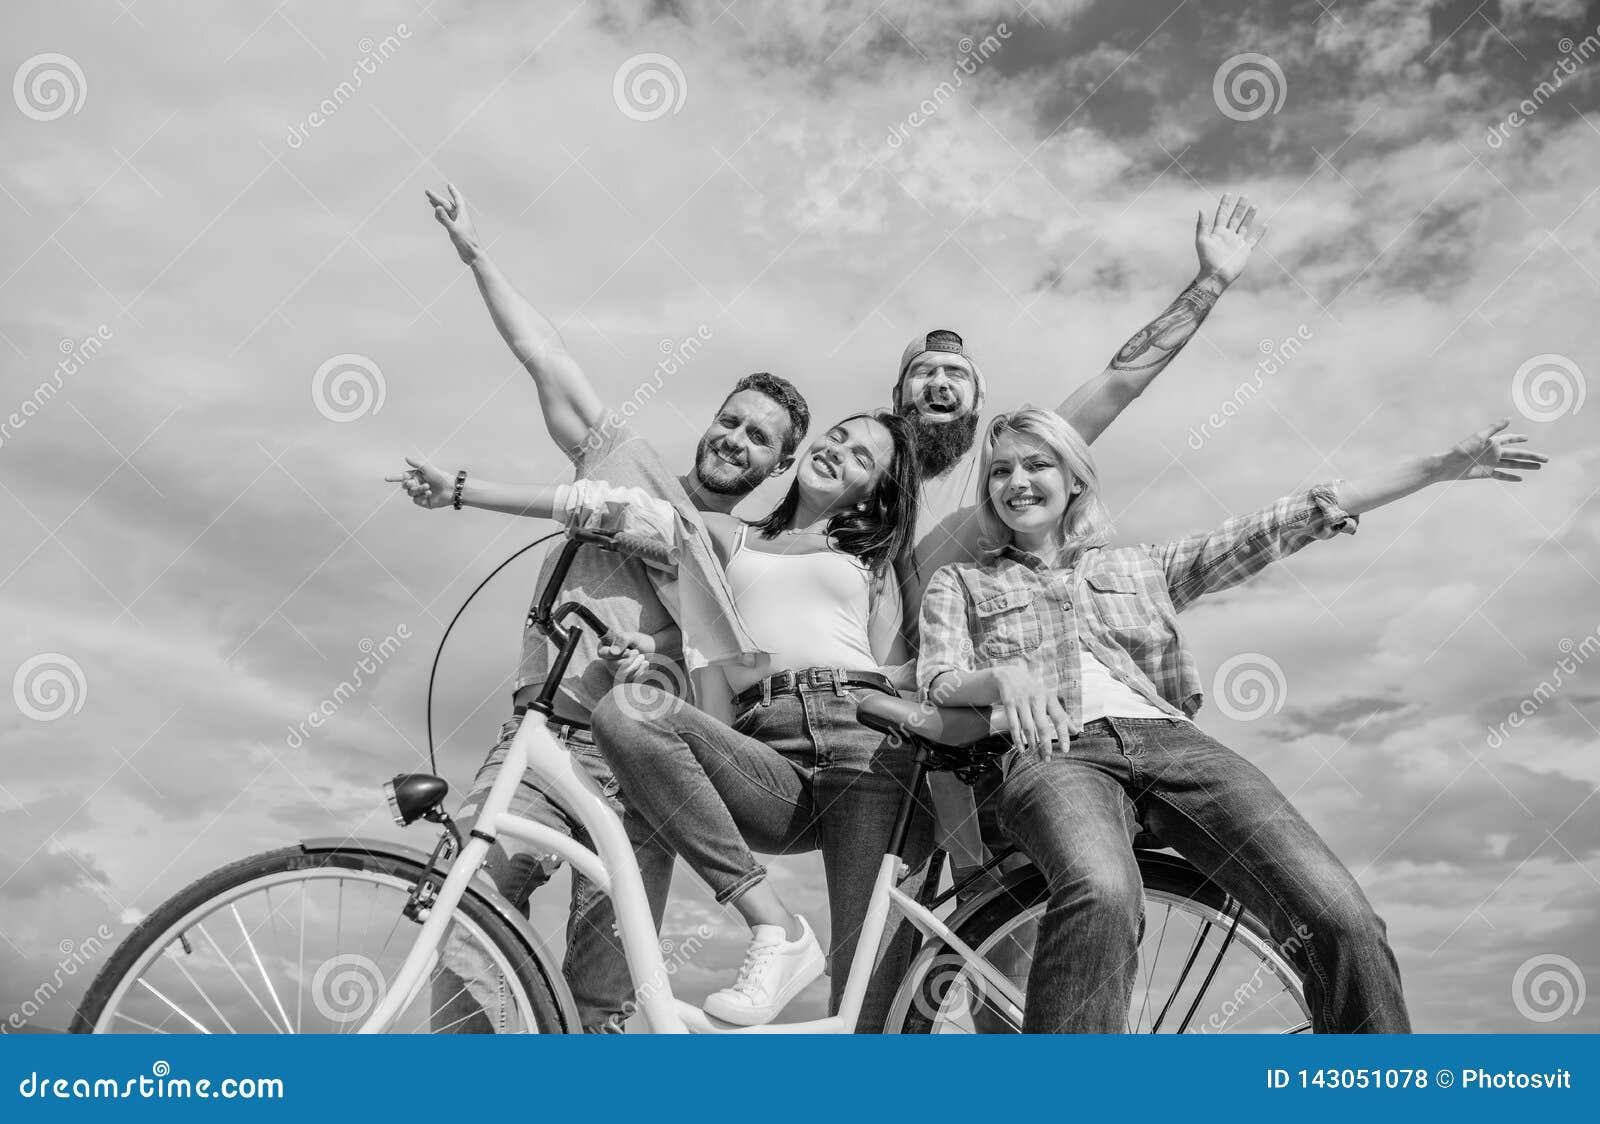 Comutação urbana da liberdade Bicicleta como parte da vida Modernidade do ciclismo e cultura nacional Os amigos do grupo penduram